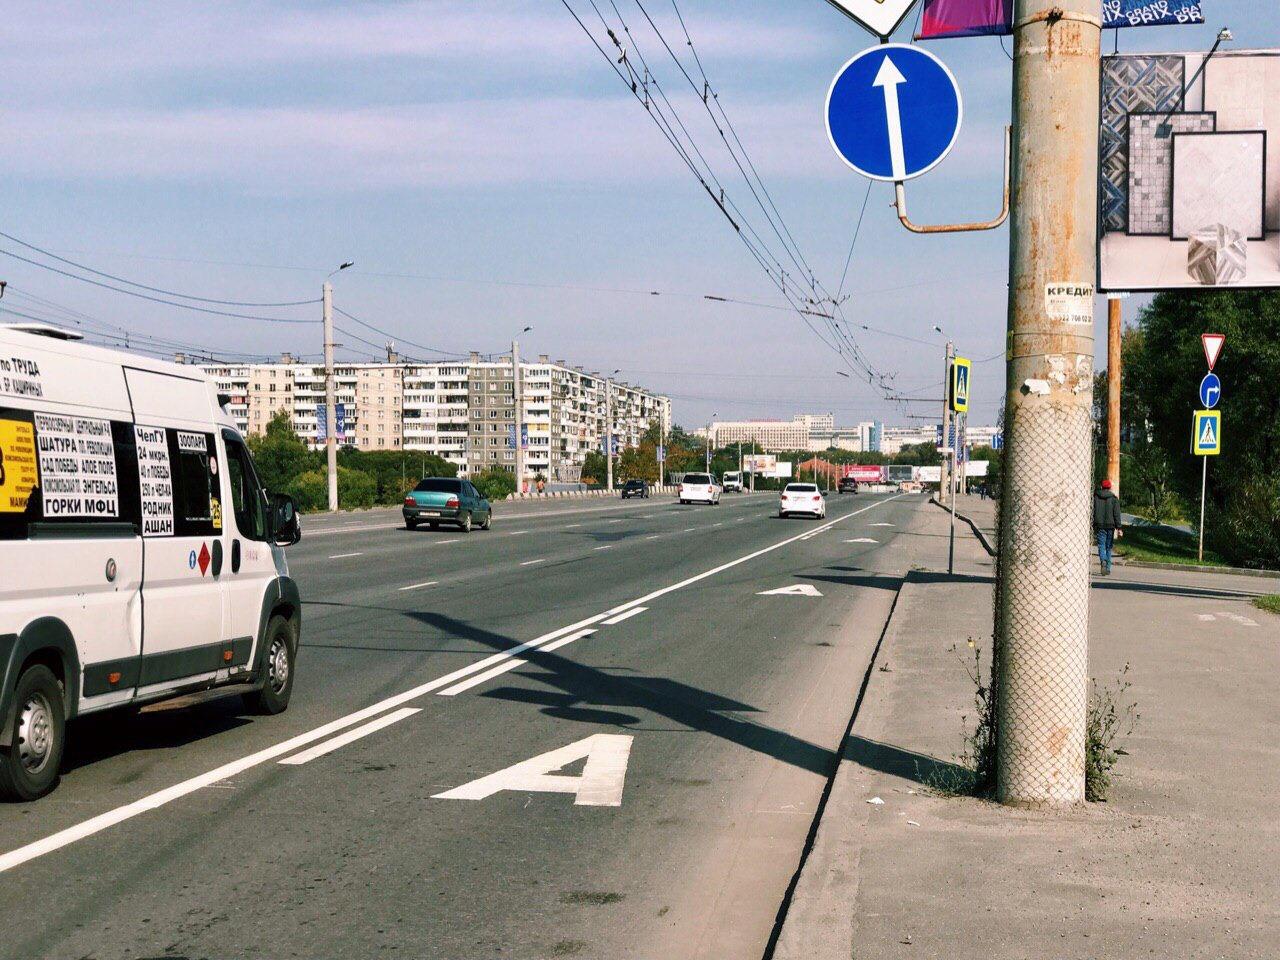 ВП на Северо-Крымской ул., от центра. 13.09.2019